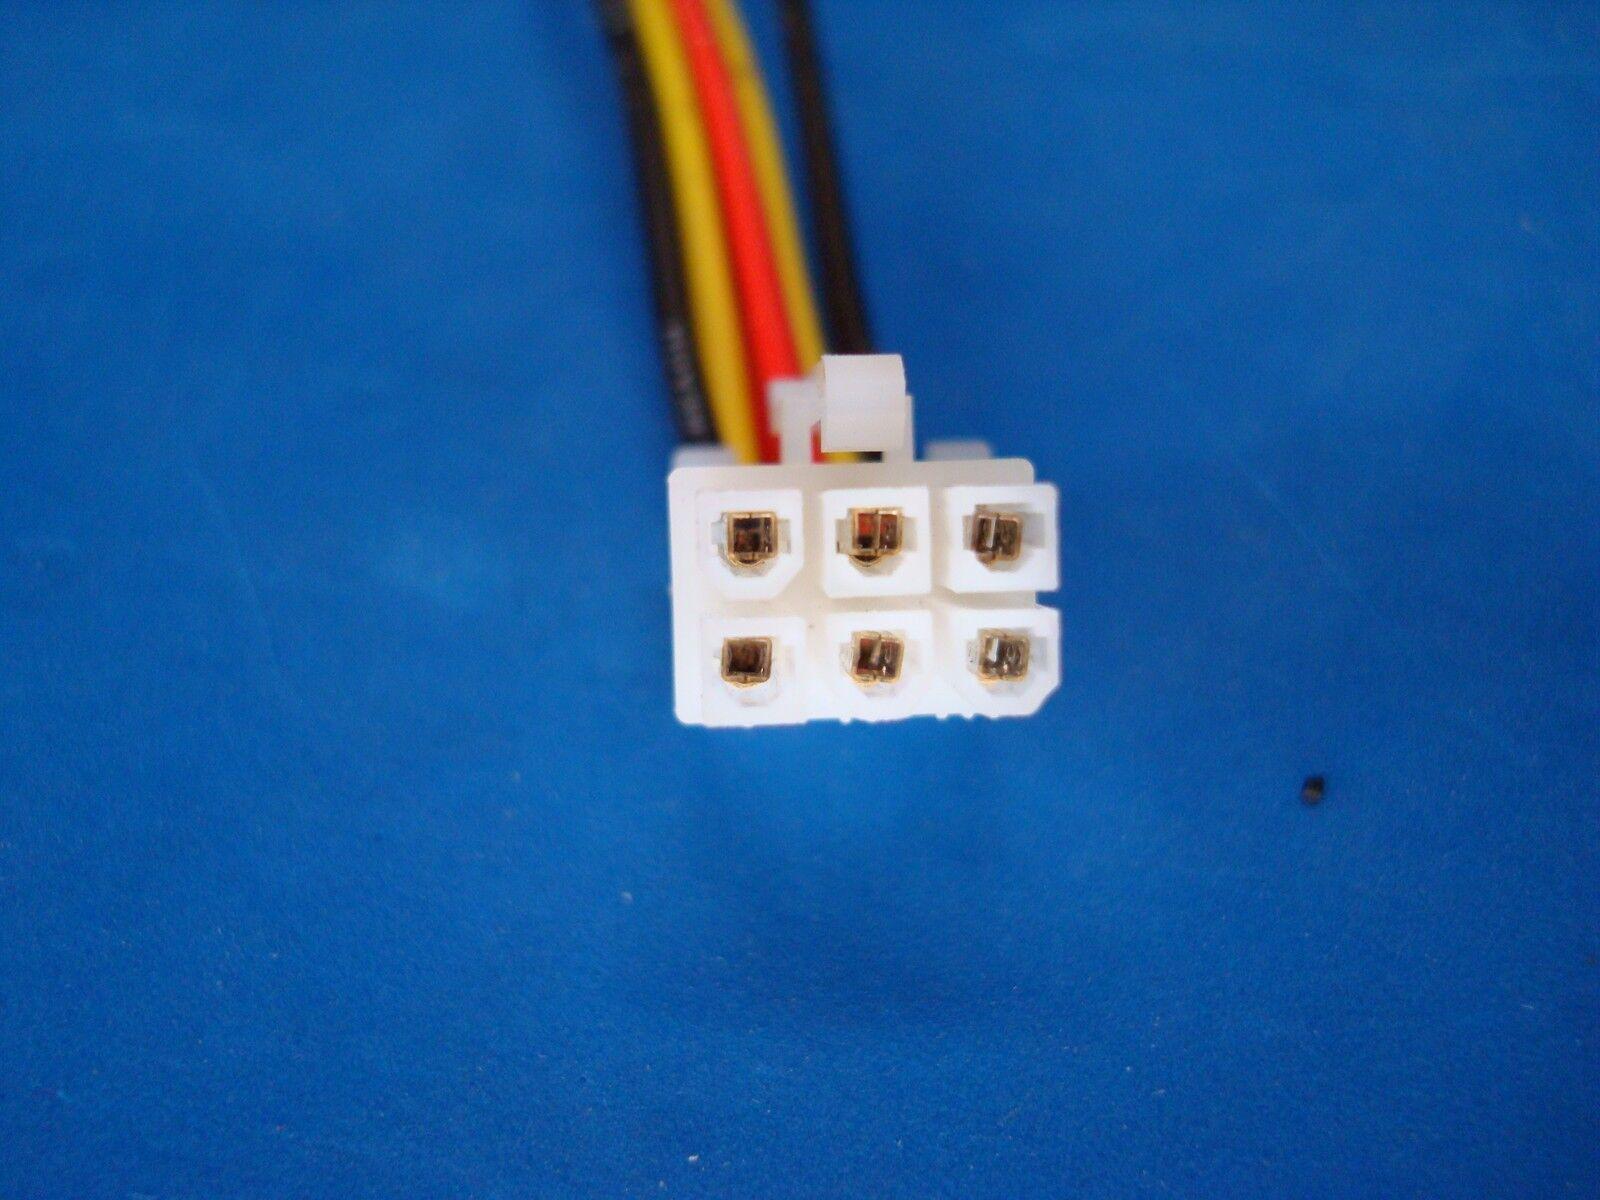 Rockford Fosgate Punch Amplifier 6 Pin Speaker Wire Harness Plug Wiring 45hd 75hd 150hd For Sale